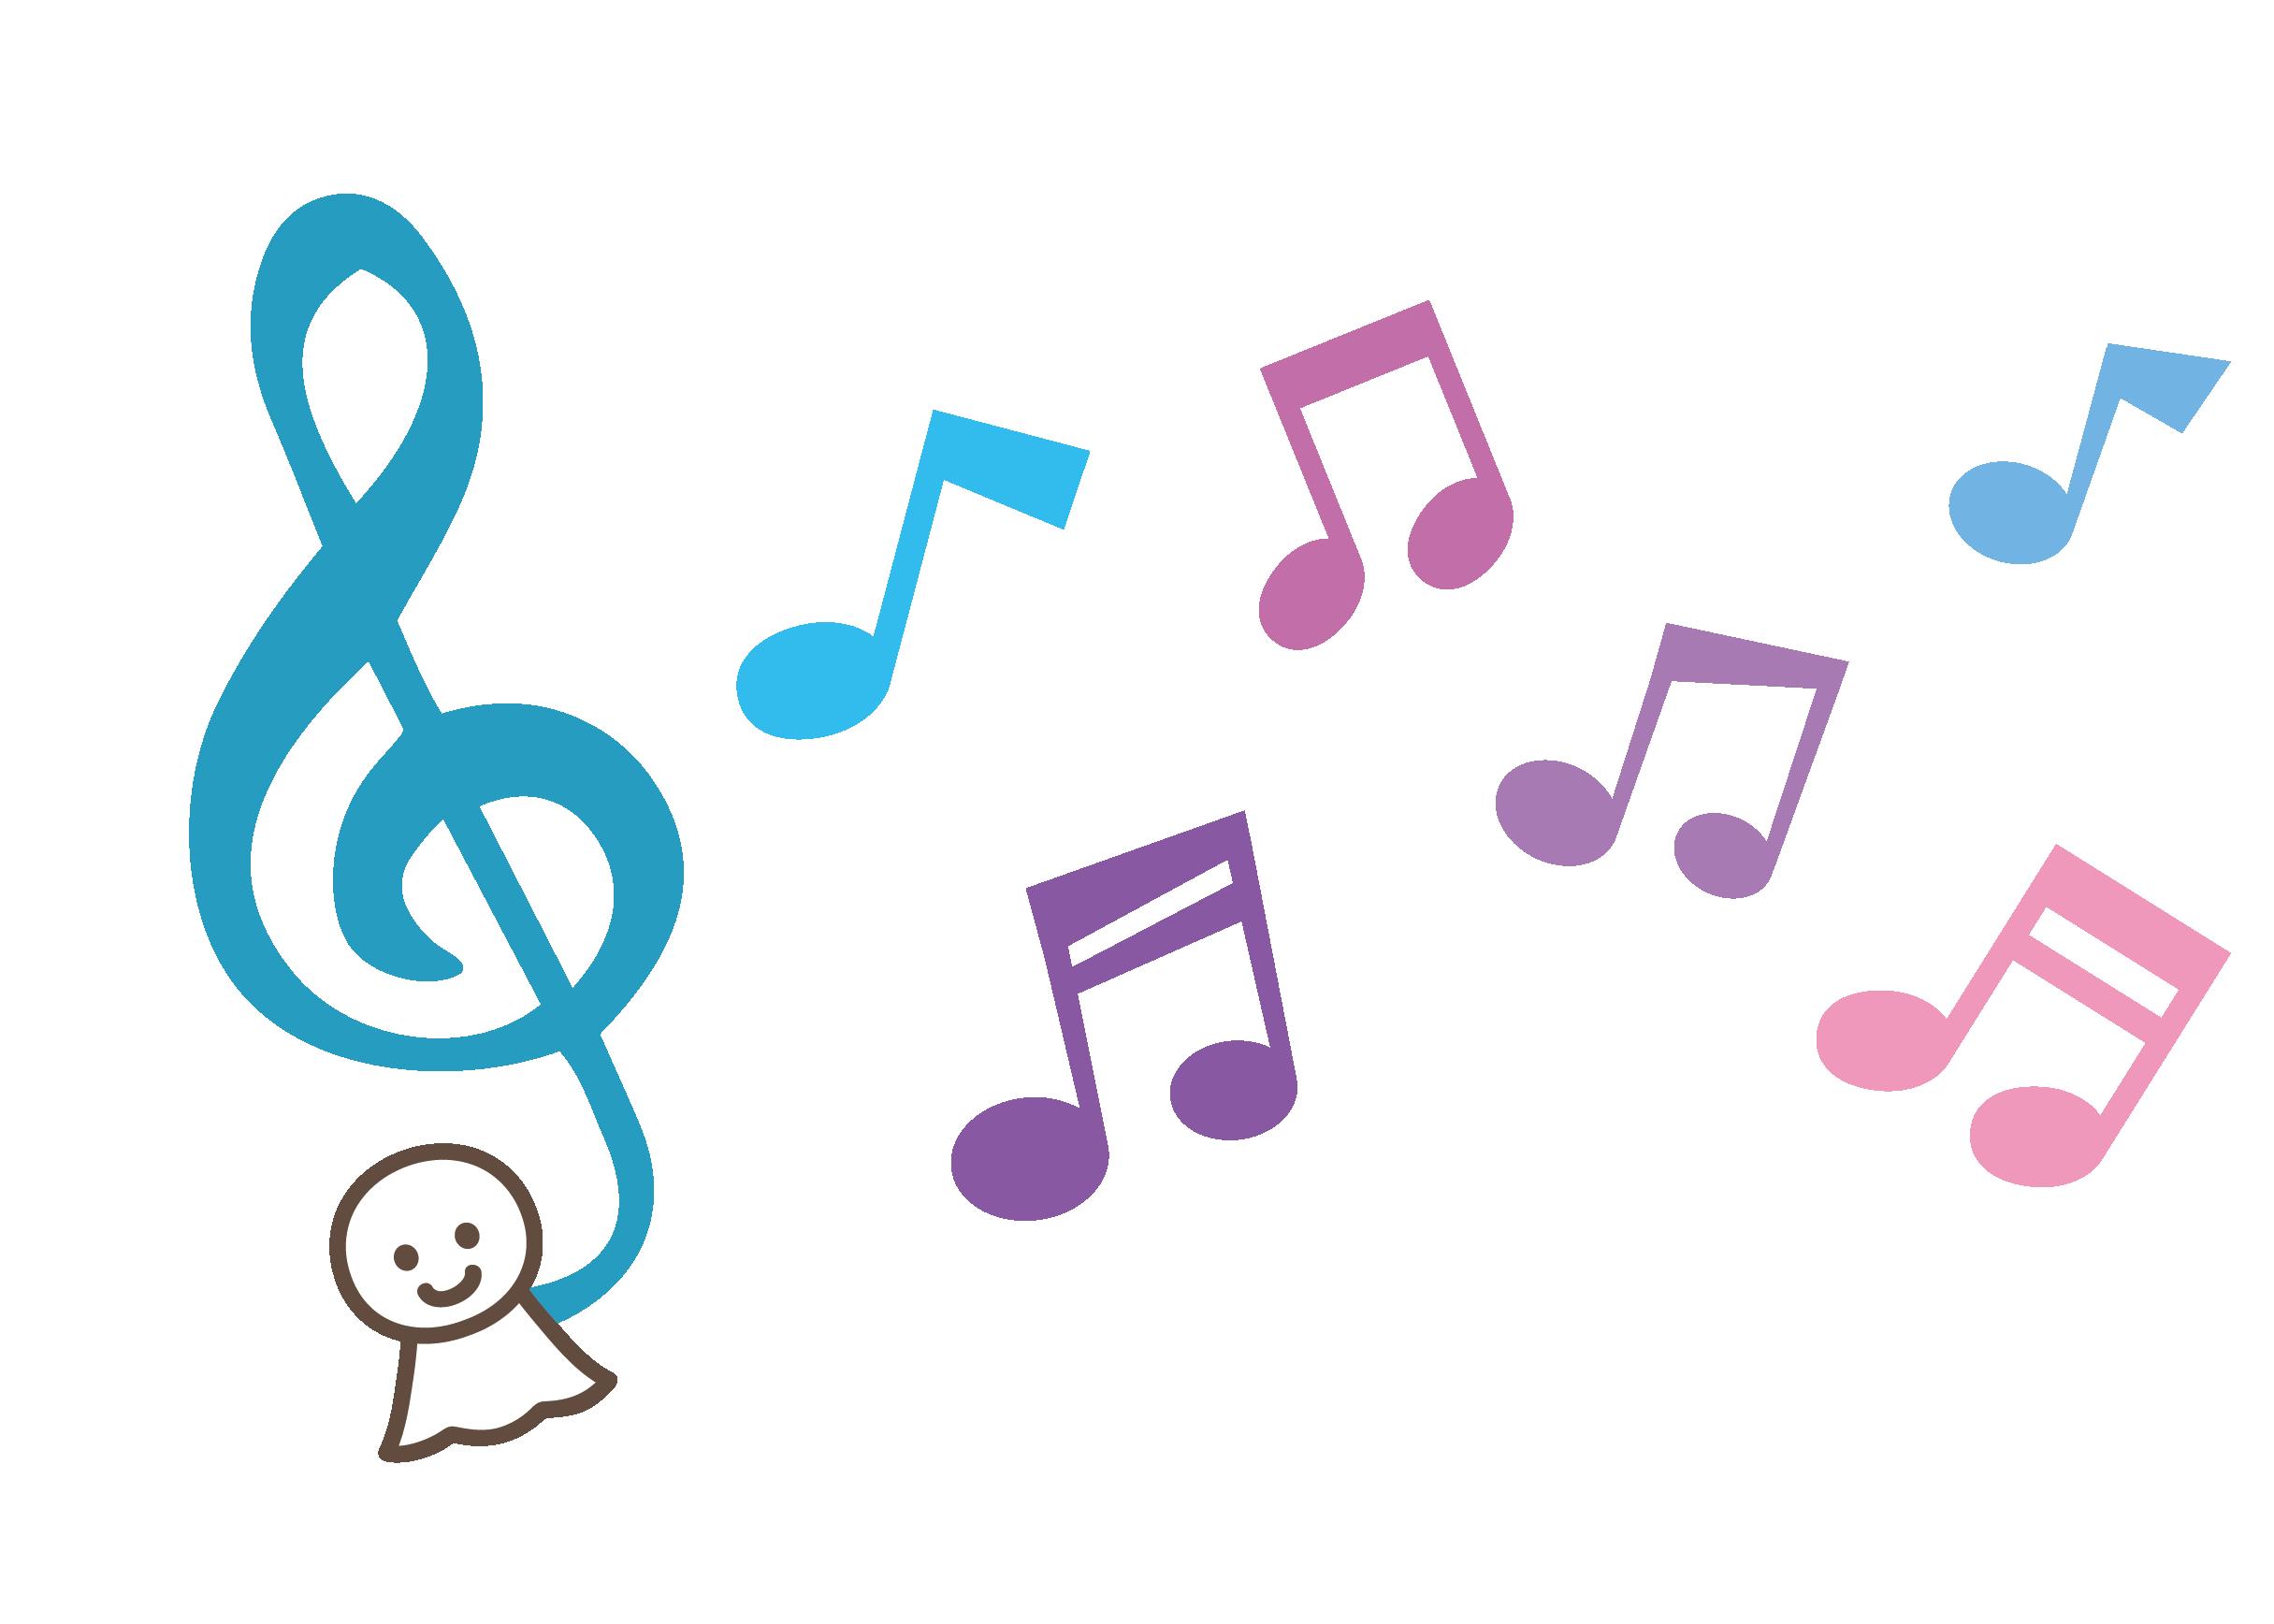 てるてる坊主ト音記号と音符イラスト ピアノ素材 無料 音符 イラスト